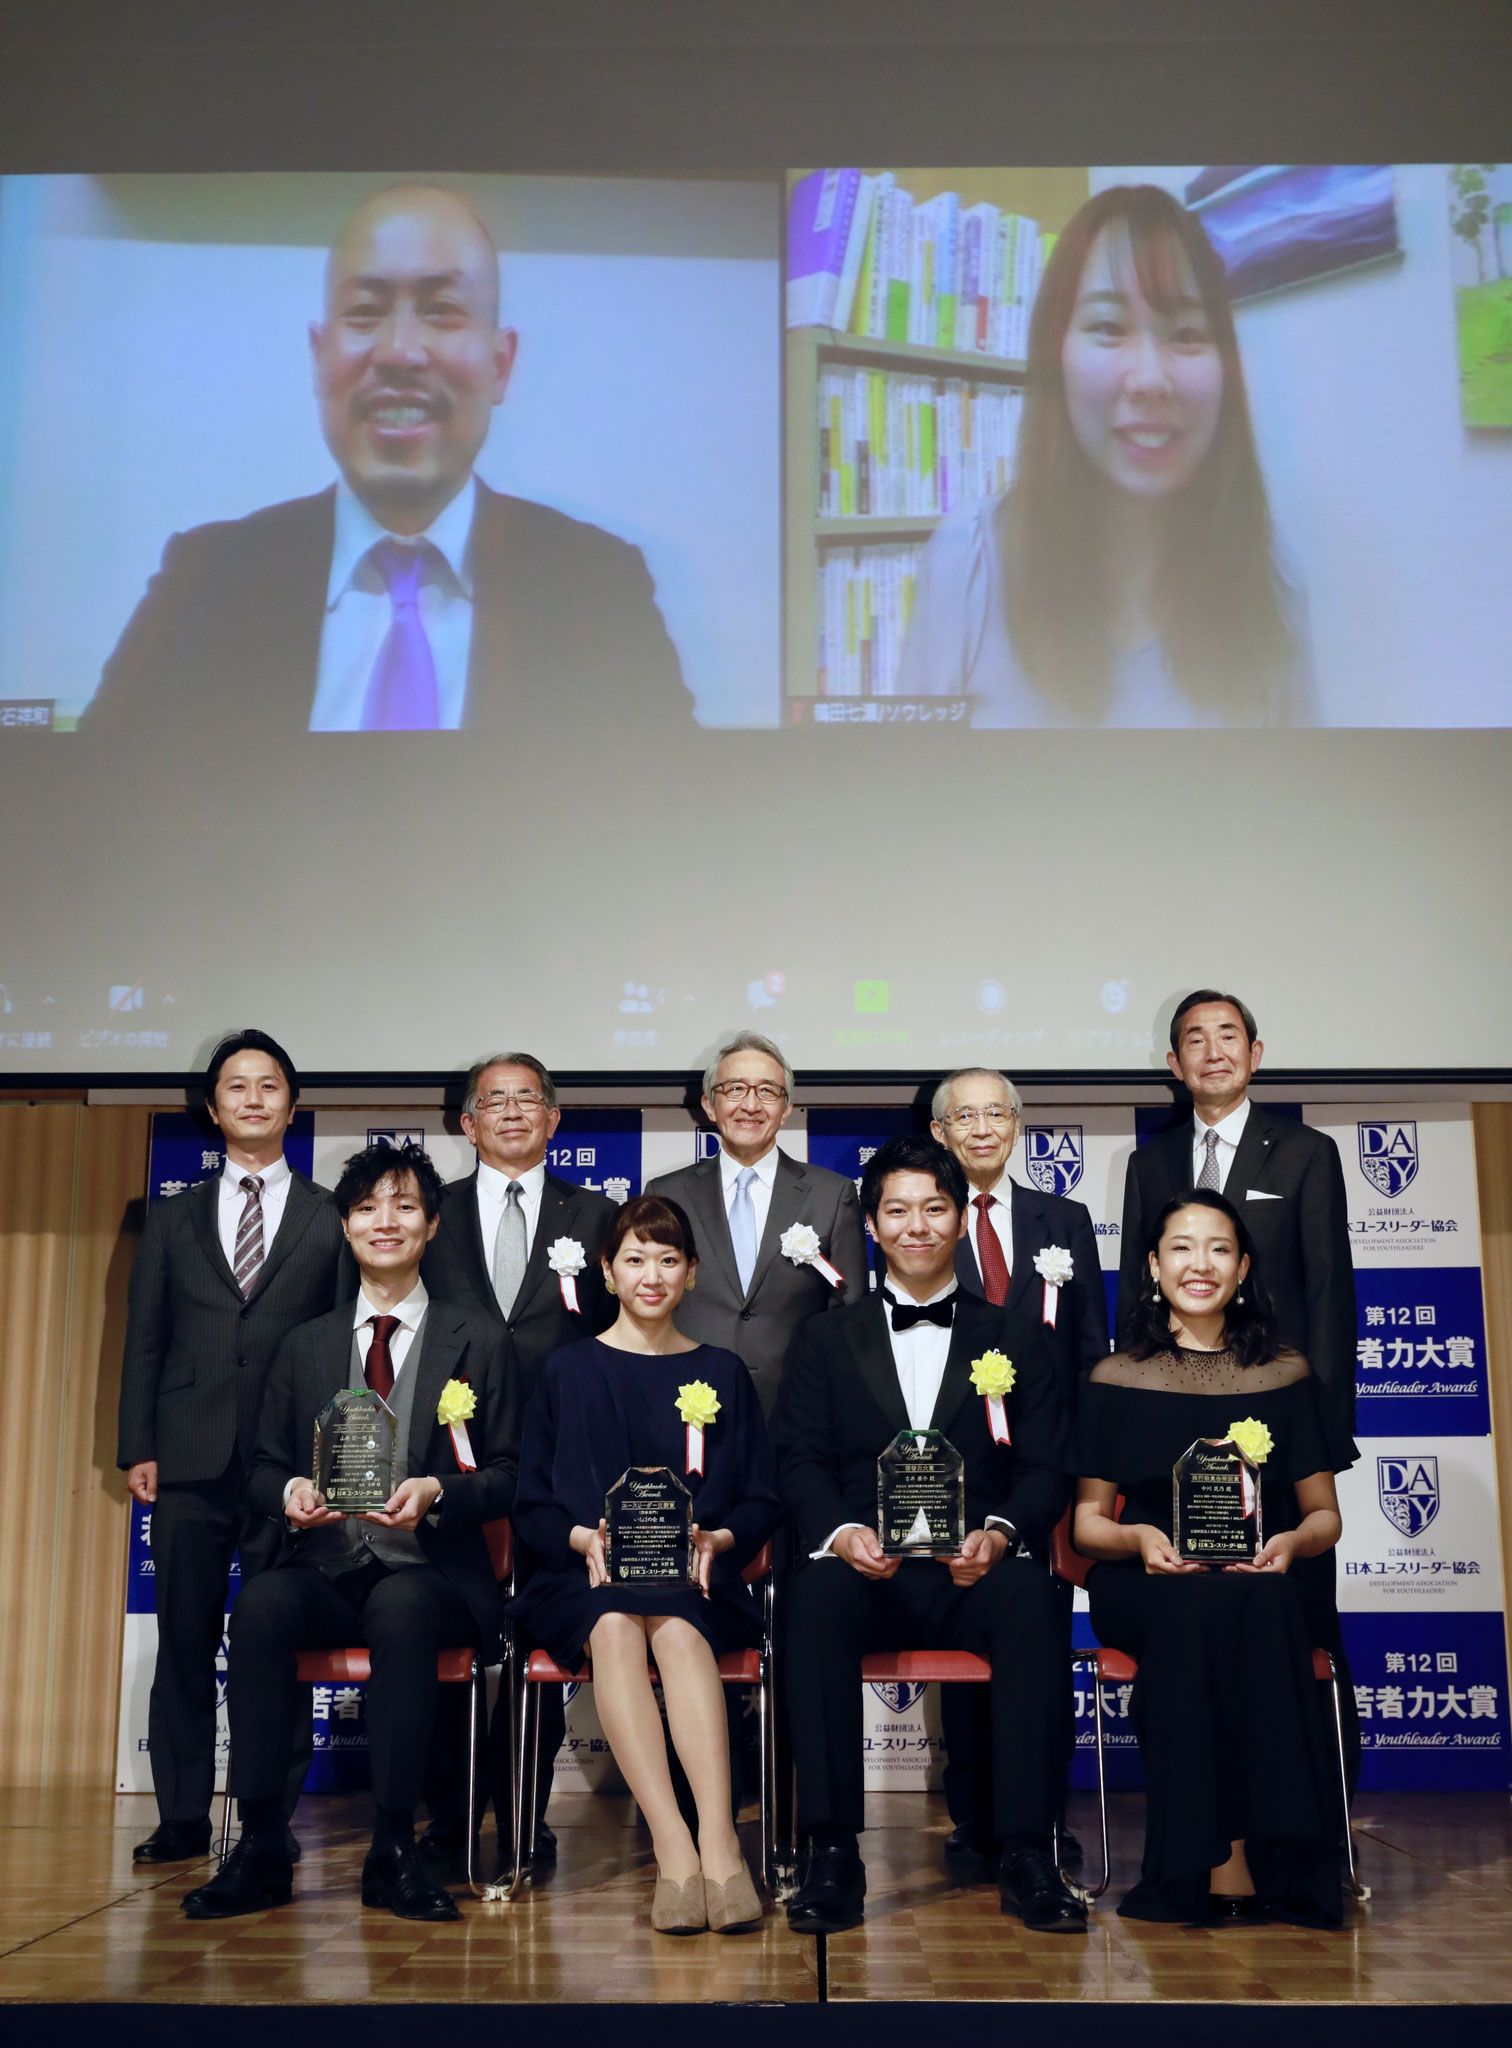 第12回若者力大賞表彰式 2021年5月11日(火)